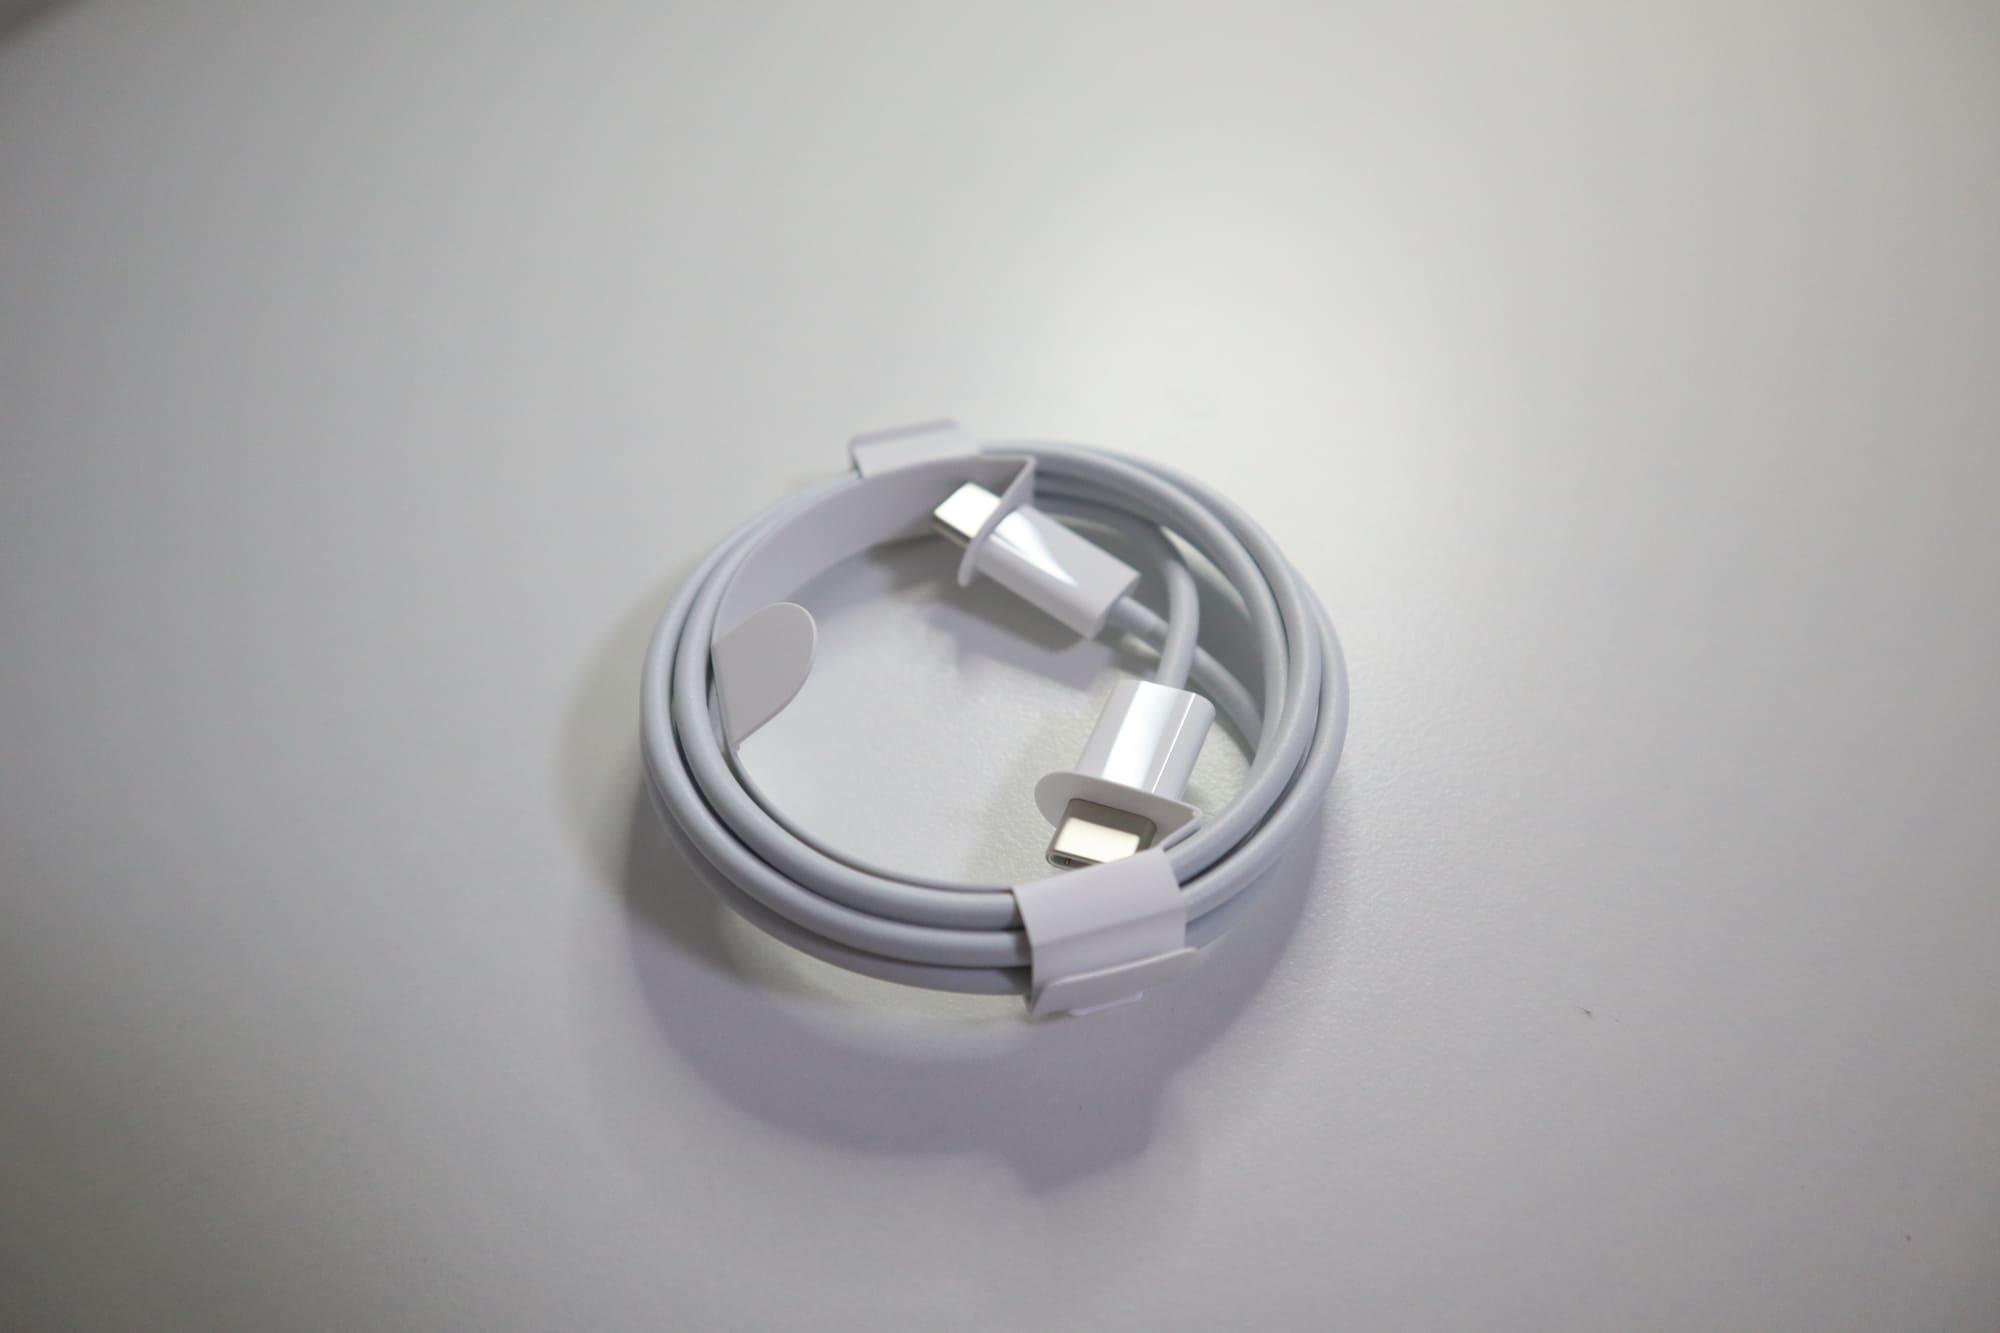 iPad Proの充電ケーブル